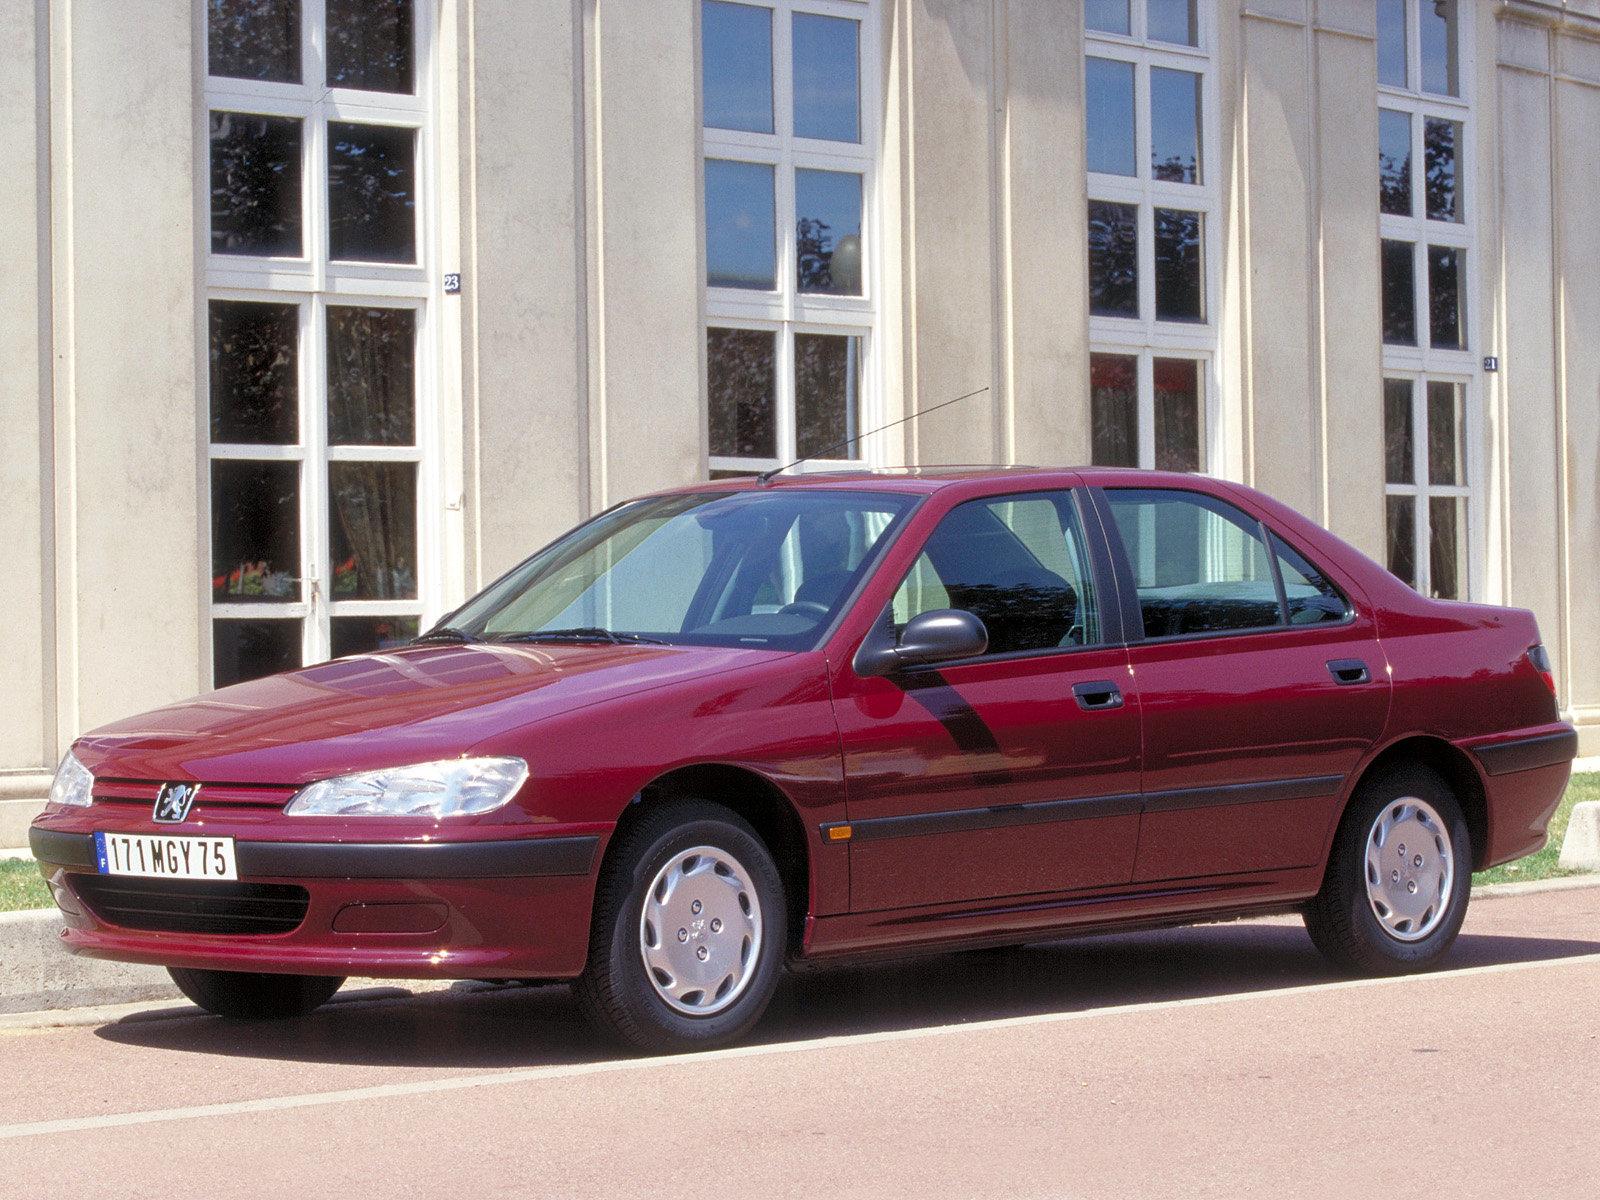 peugeot 406 отзывы 1996-1998 года с фото